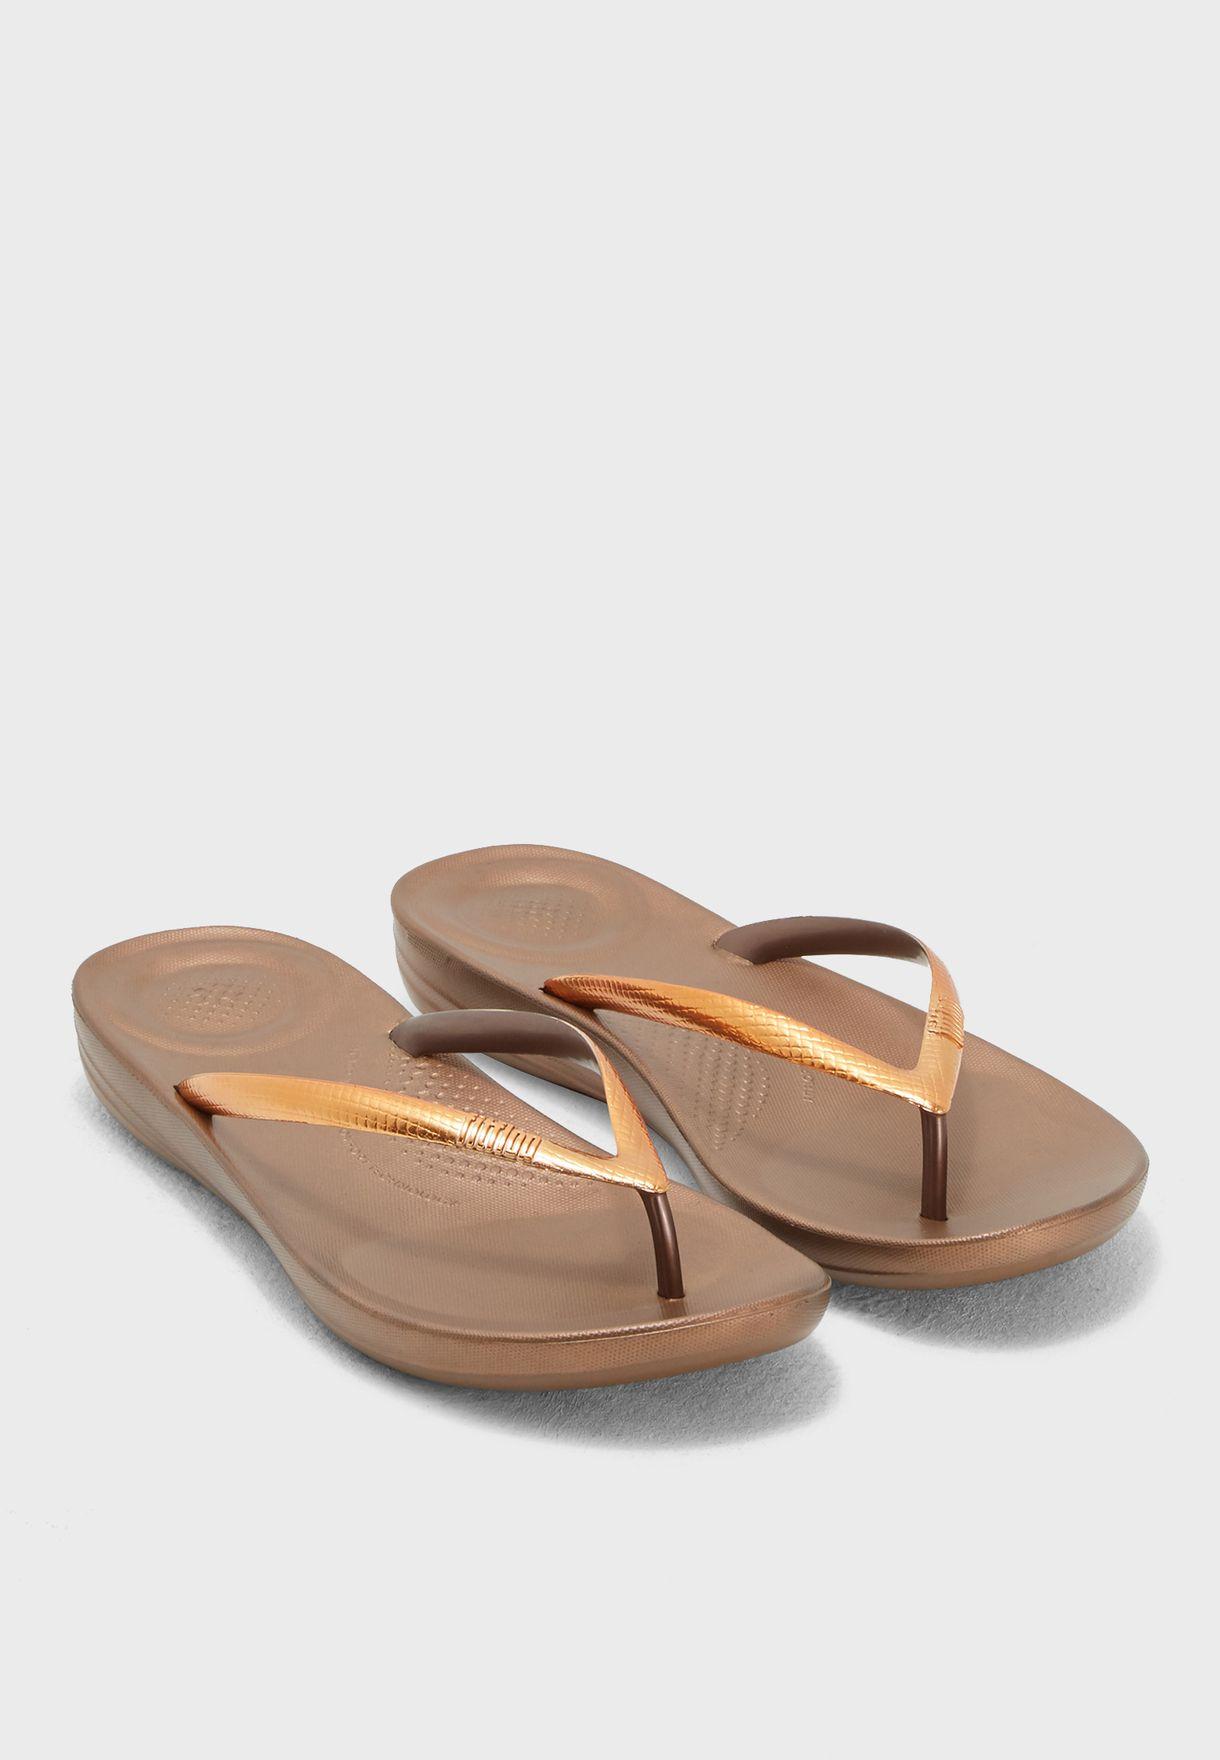 16f194d145c1 Shop Fitflop bronze Iqushion Ergonomic Flip-Flops M17-488 for Women ...